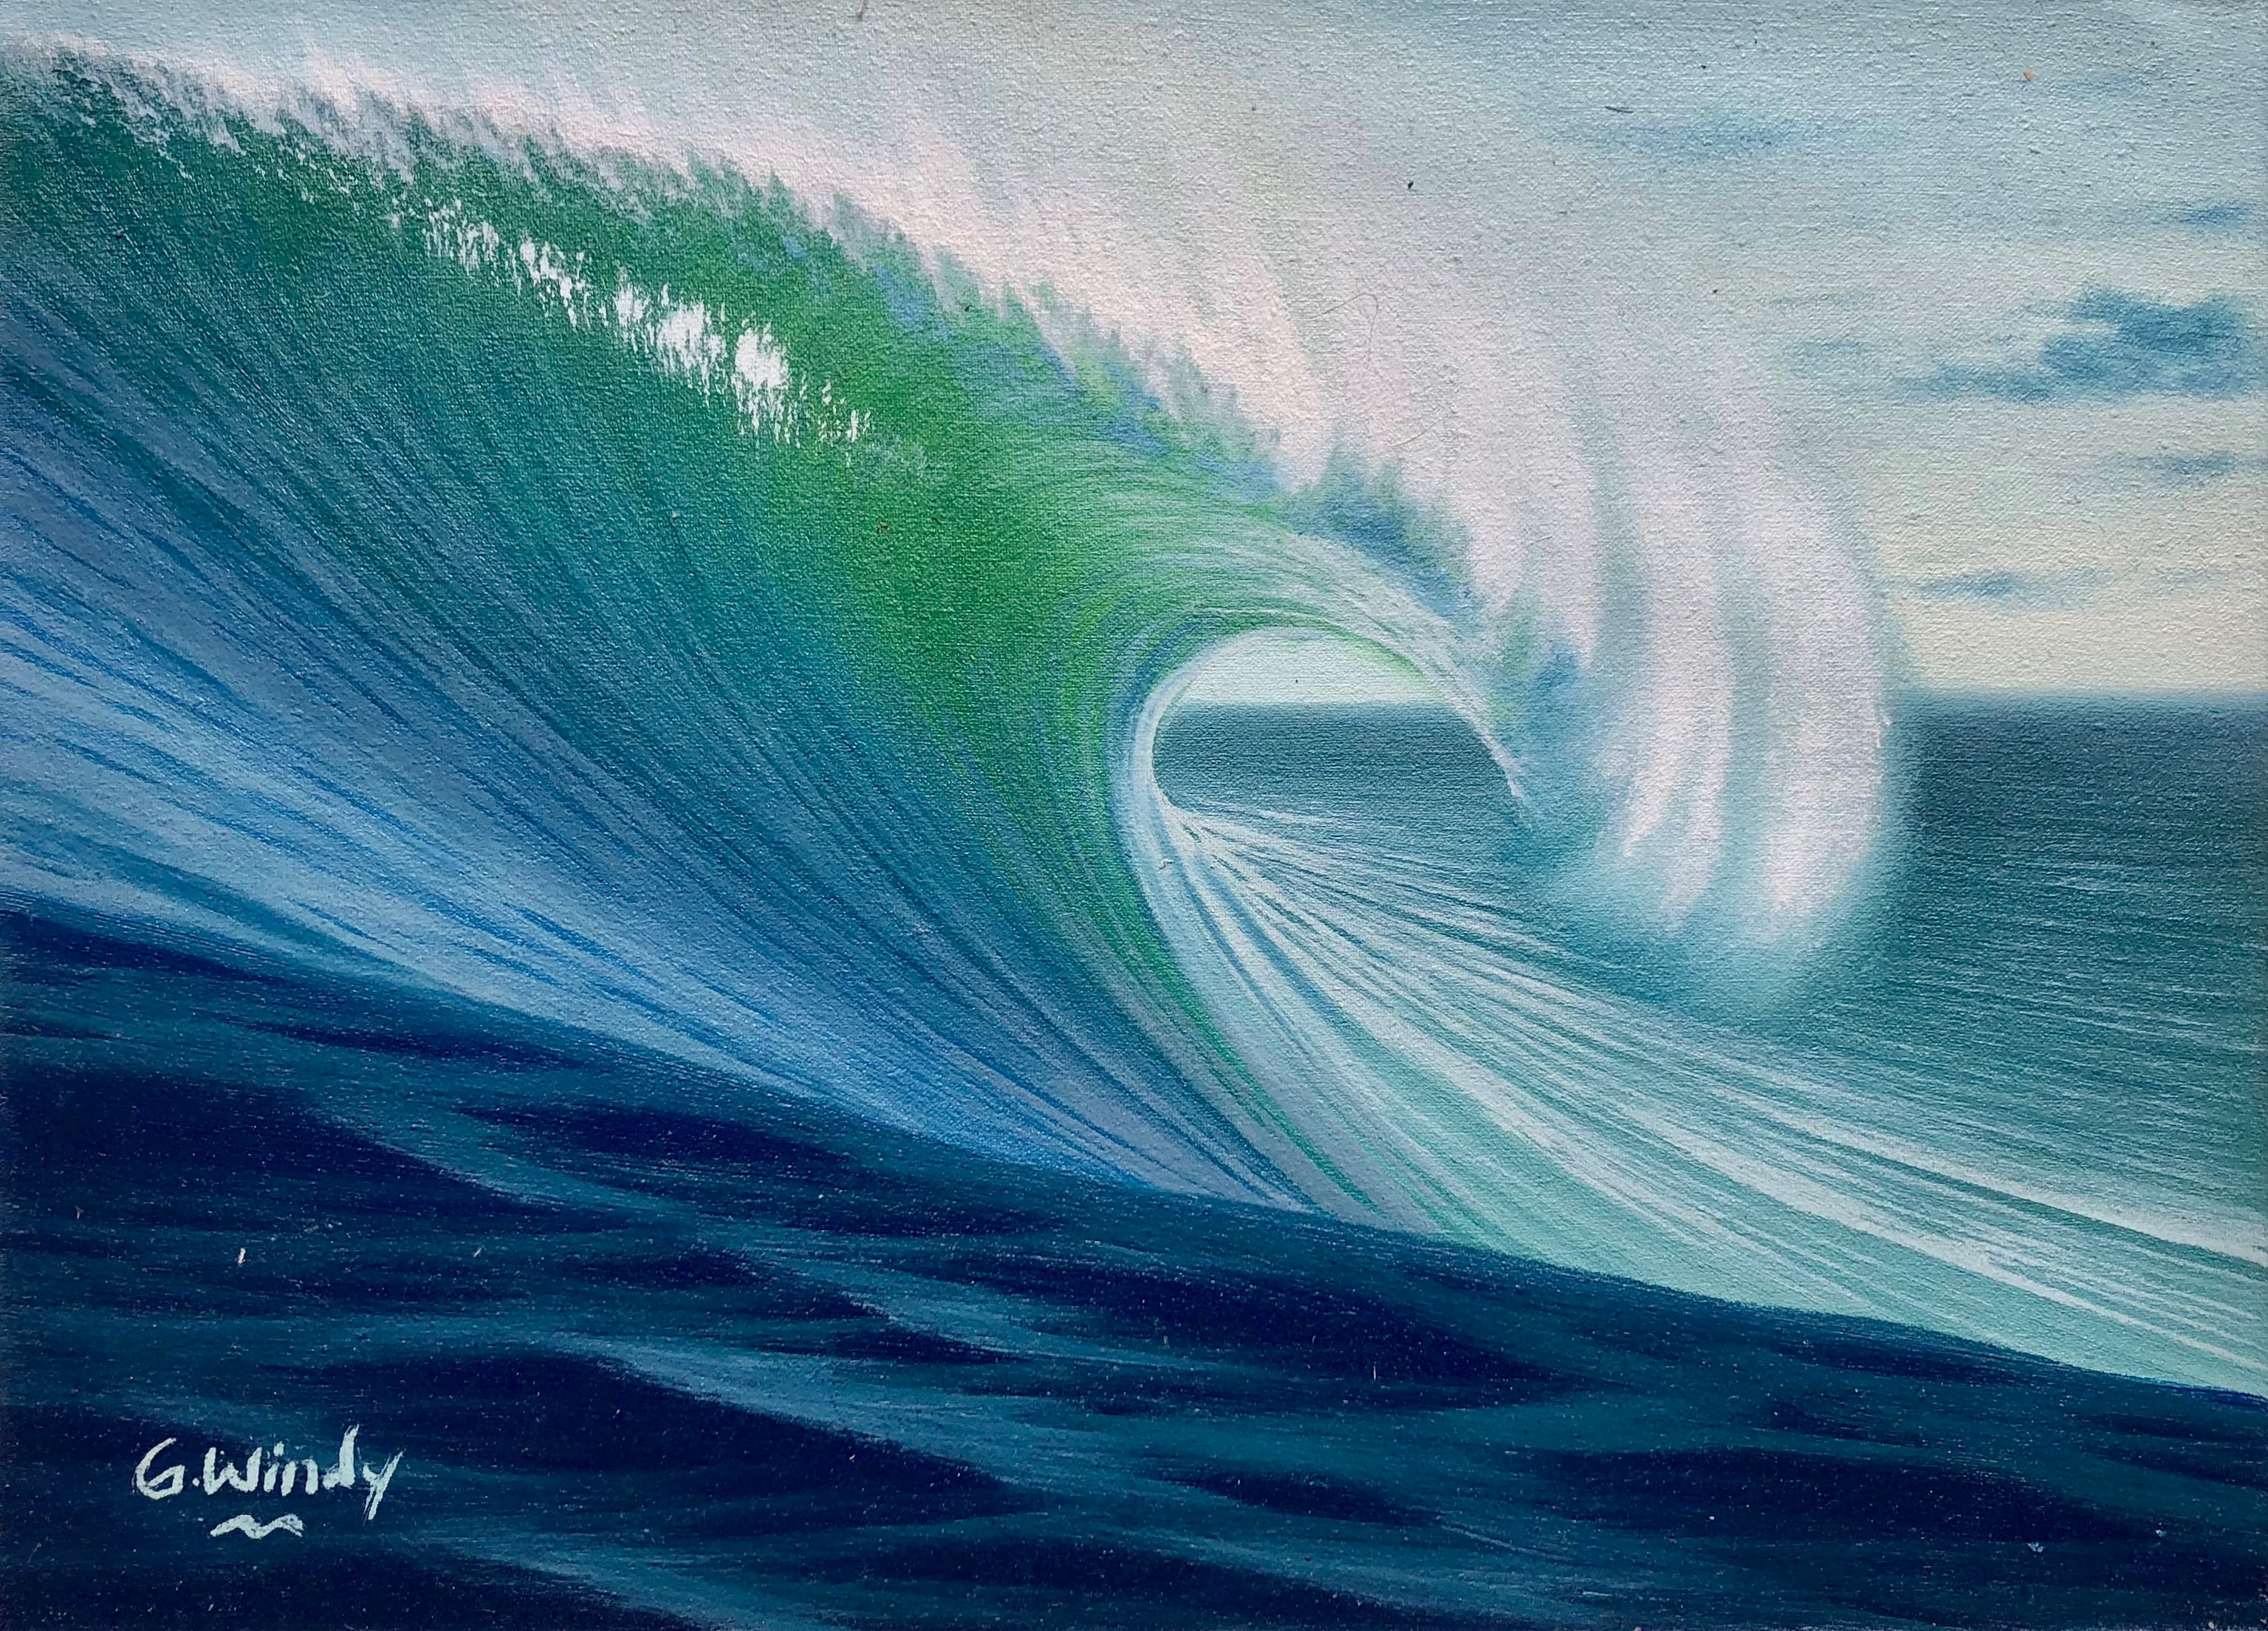 Dreamland Wave Art F4